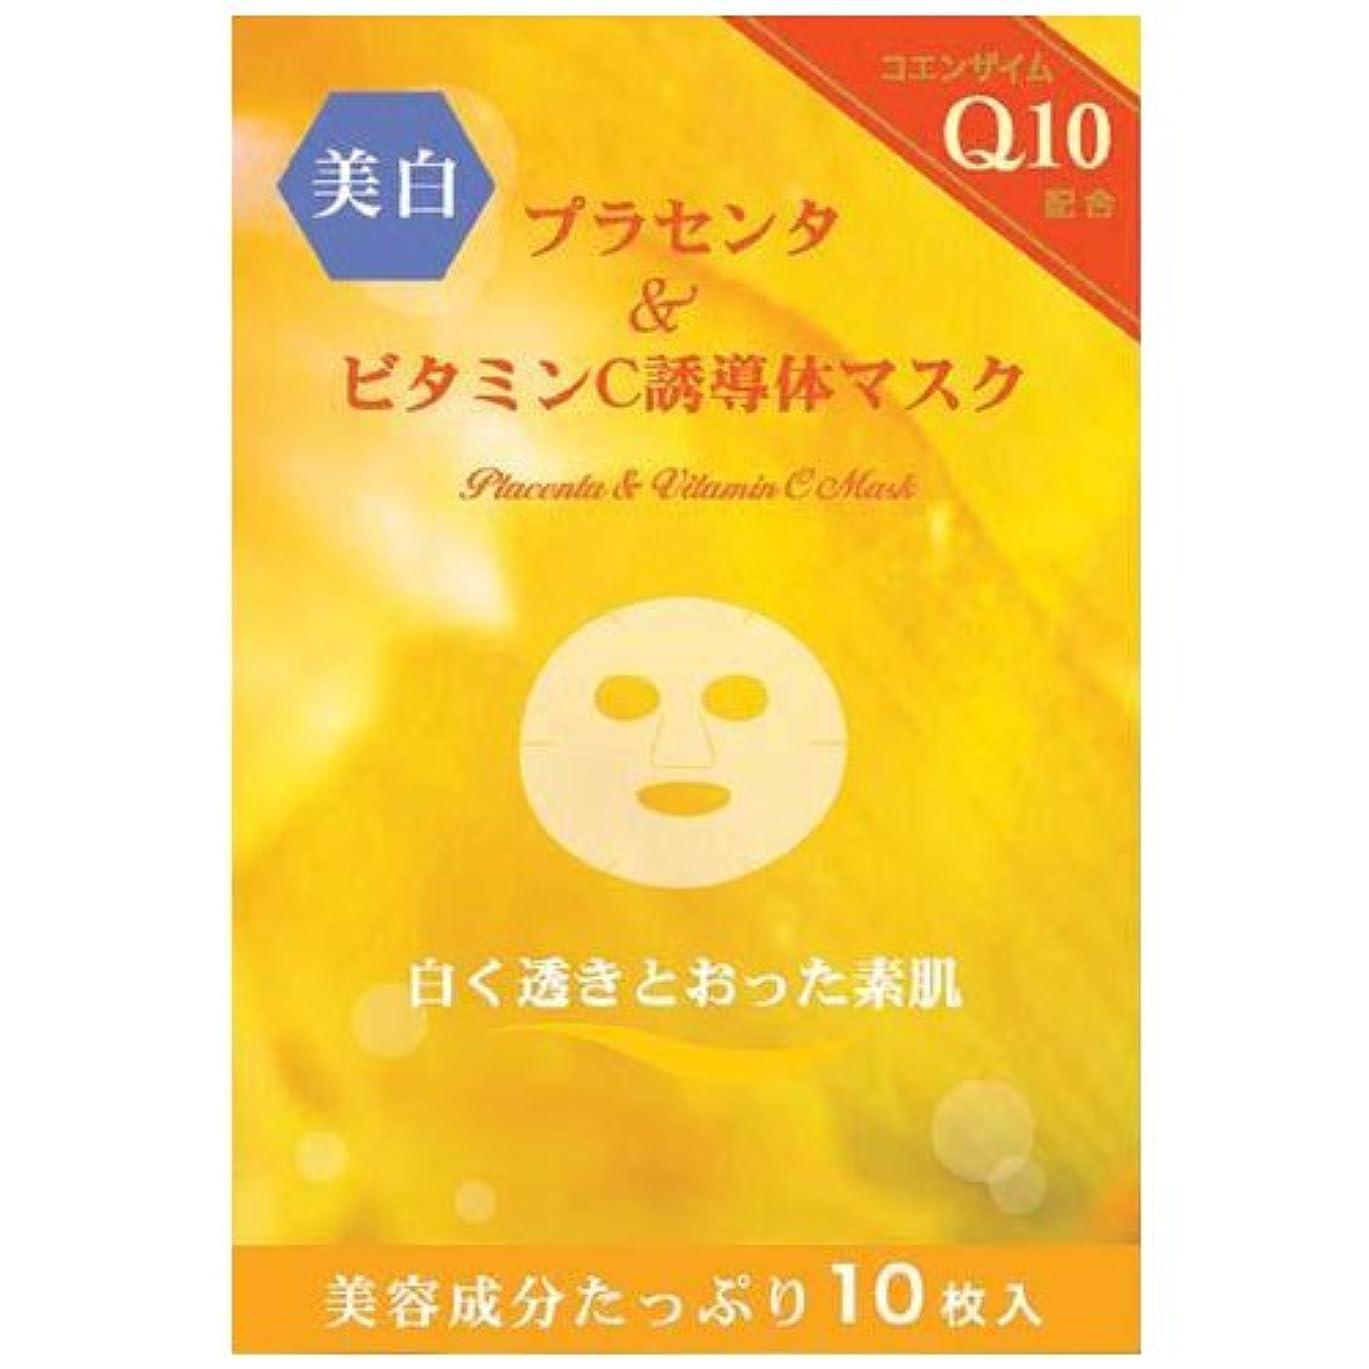 ペイン許さないタービンプラセンタ&ビタミンC誘導体マスク